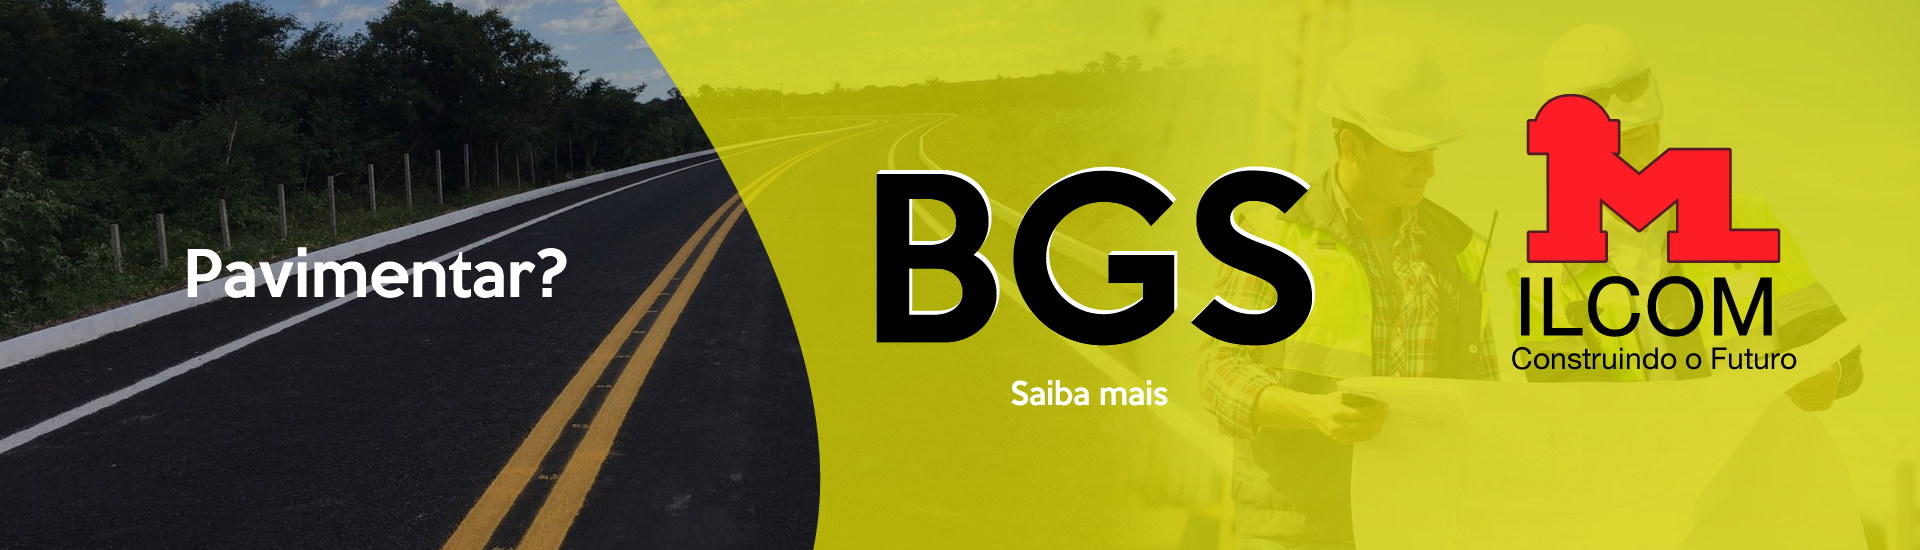 BGS ILCOM